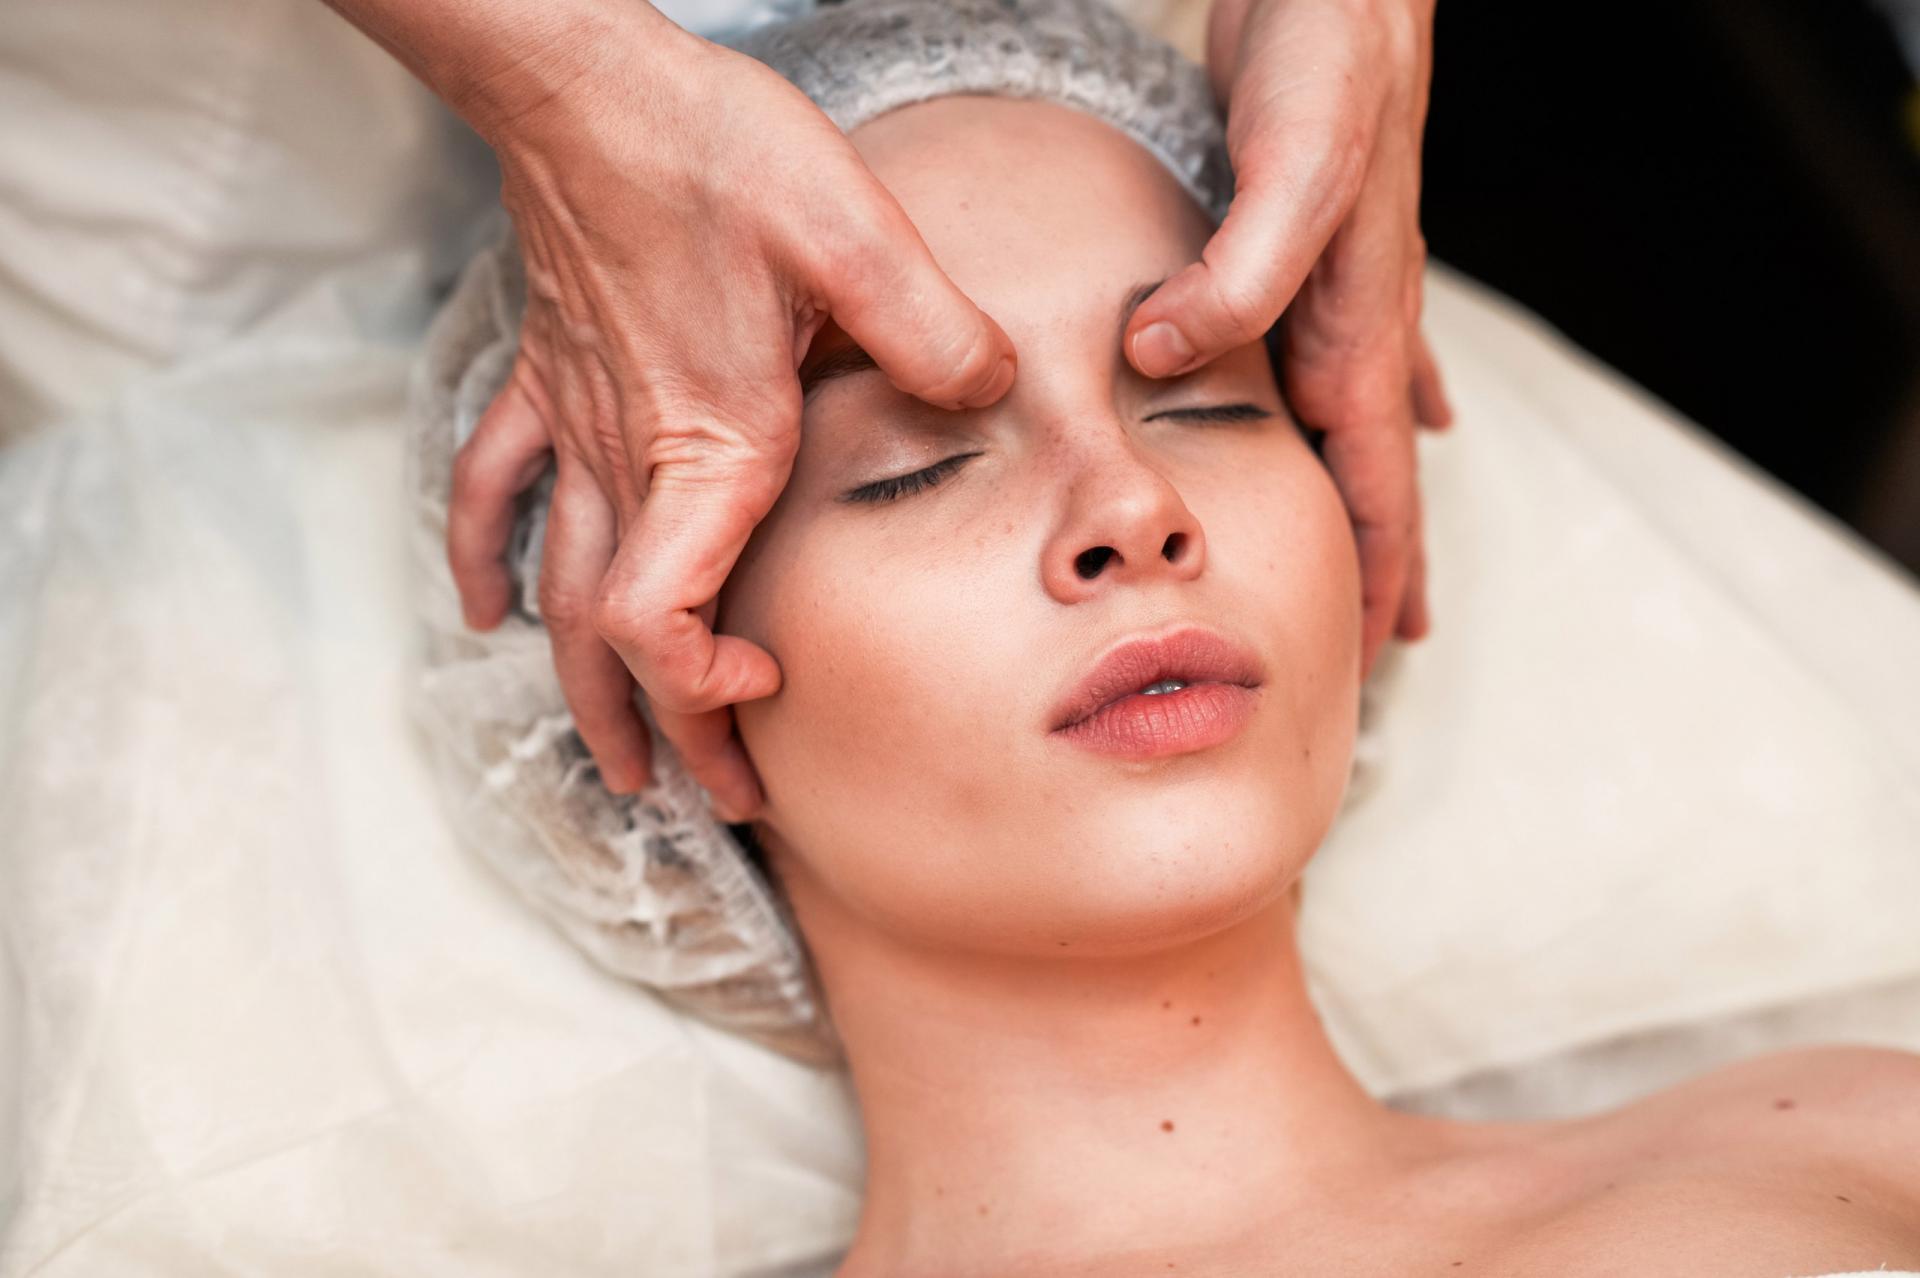 Мы подобрали для вас 20 центров и 14 косметологов с ценами от до 1 руб.